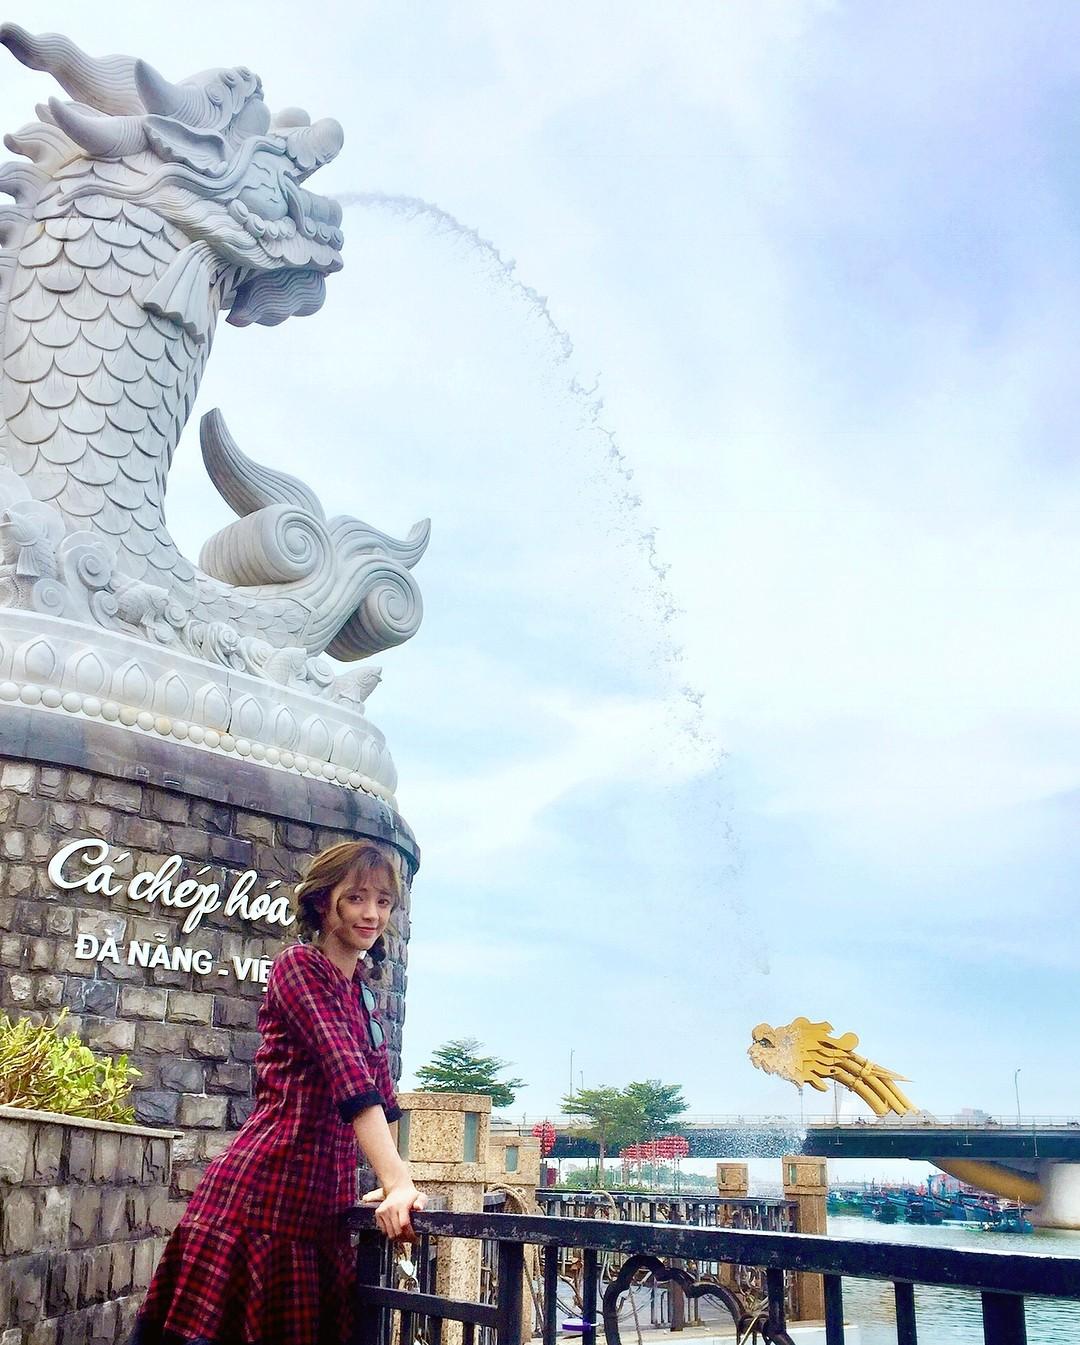 """Chỉ với 2 tọa độ cực phẩm này, Đà Nẵng đích thị là """"Singapore thu nhỏ"""" giữa lòng Việt Nam chứ đâu! - Ảnh 16."""